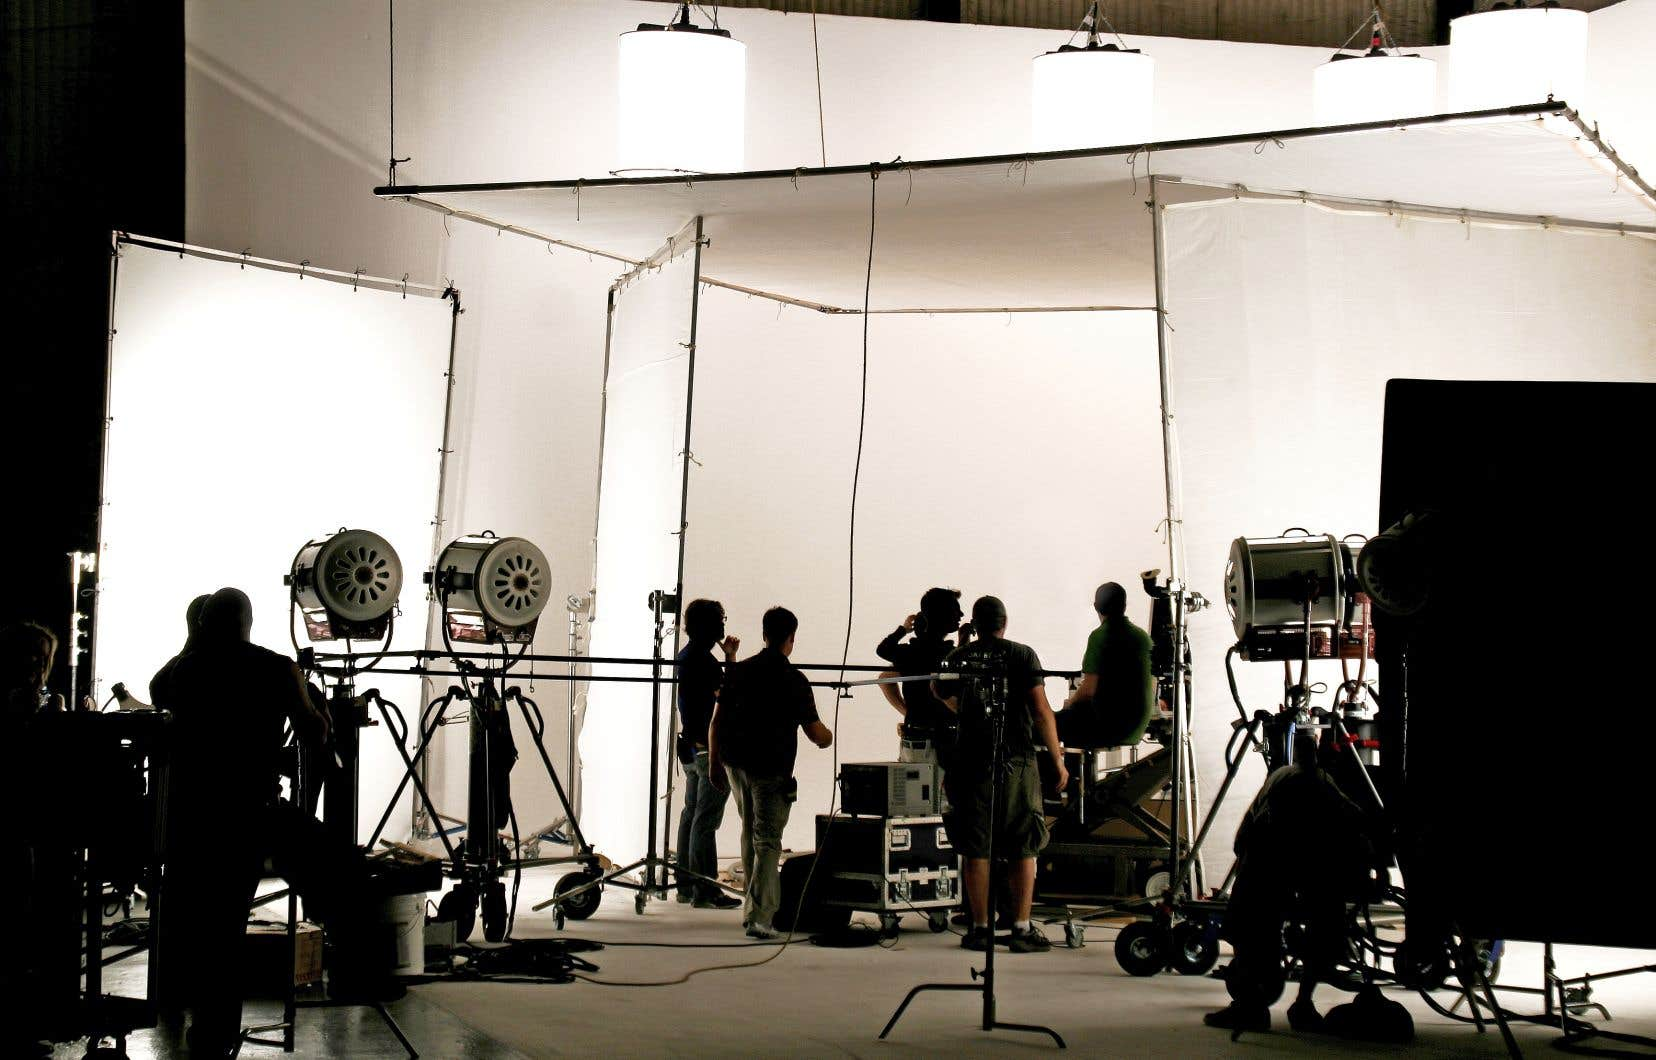 En septembre dernier, l'annonce de la signature d'une entente entre le gouvernement fédéral et Netflix a suscité beaucoup de critiques... mais aussi des espoirs chez les producteurs qui souhaiteraient travailler avec Netflix.